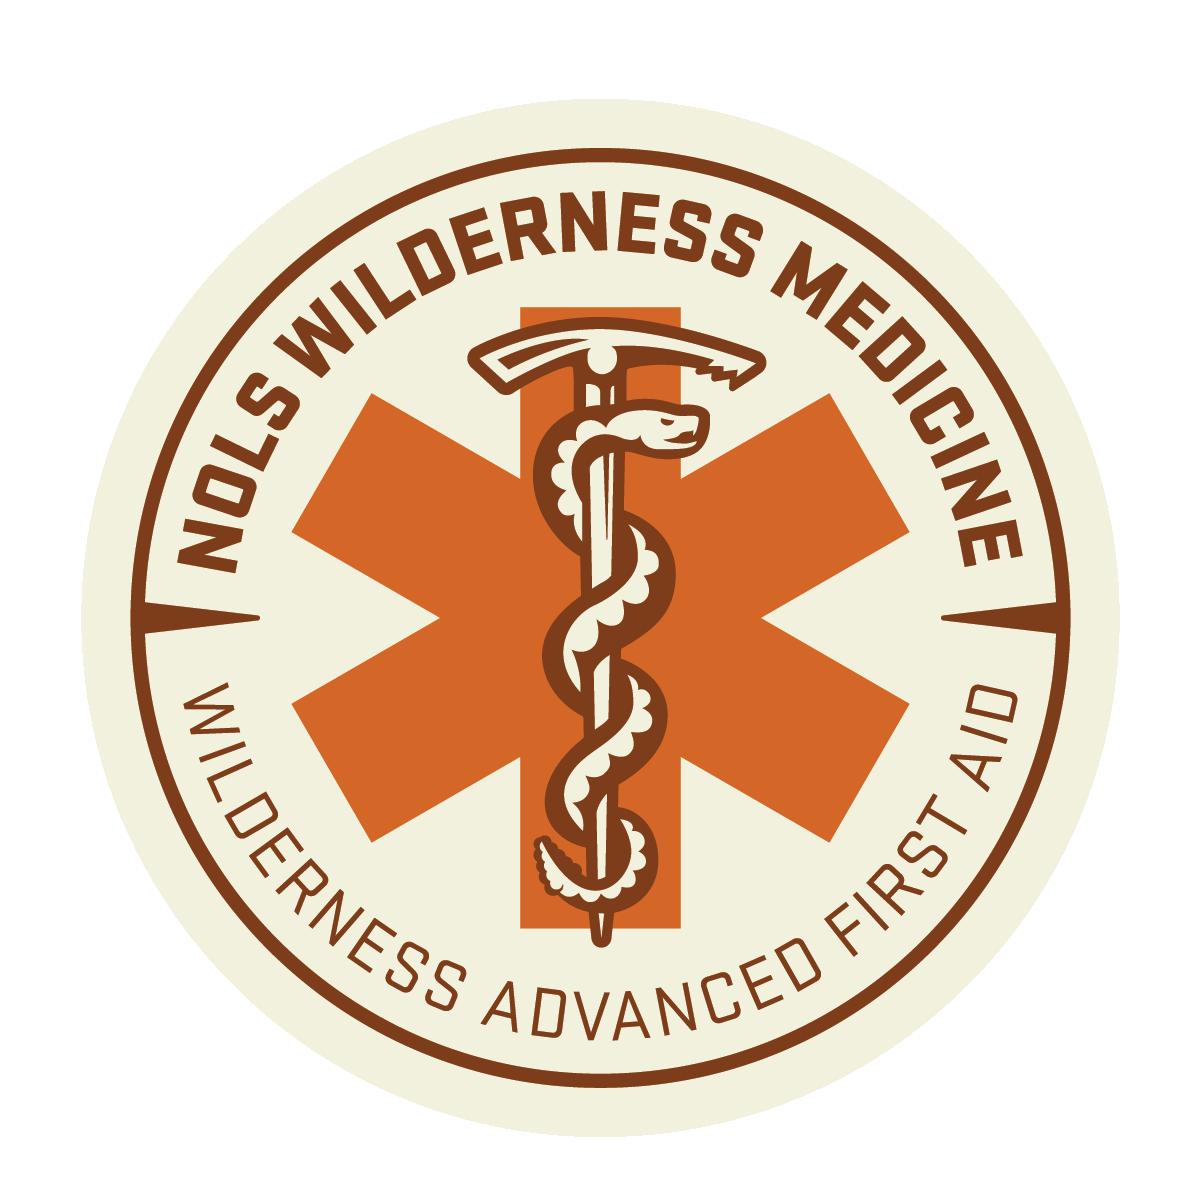 Nols wilderness medicine certification badges how to display your nols wilderness medicine certification badges how to display your nols wilderness medicine certification badge wilderness advanced xflitez Gallery